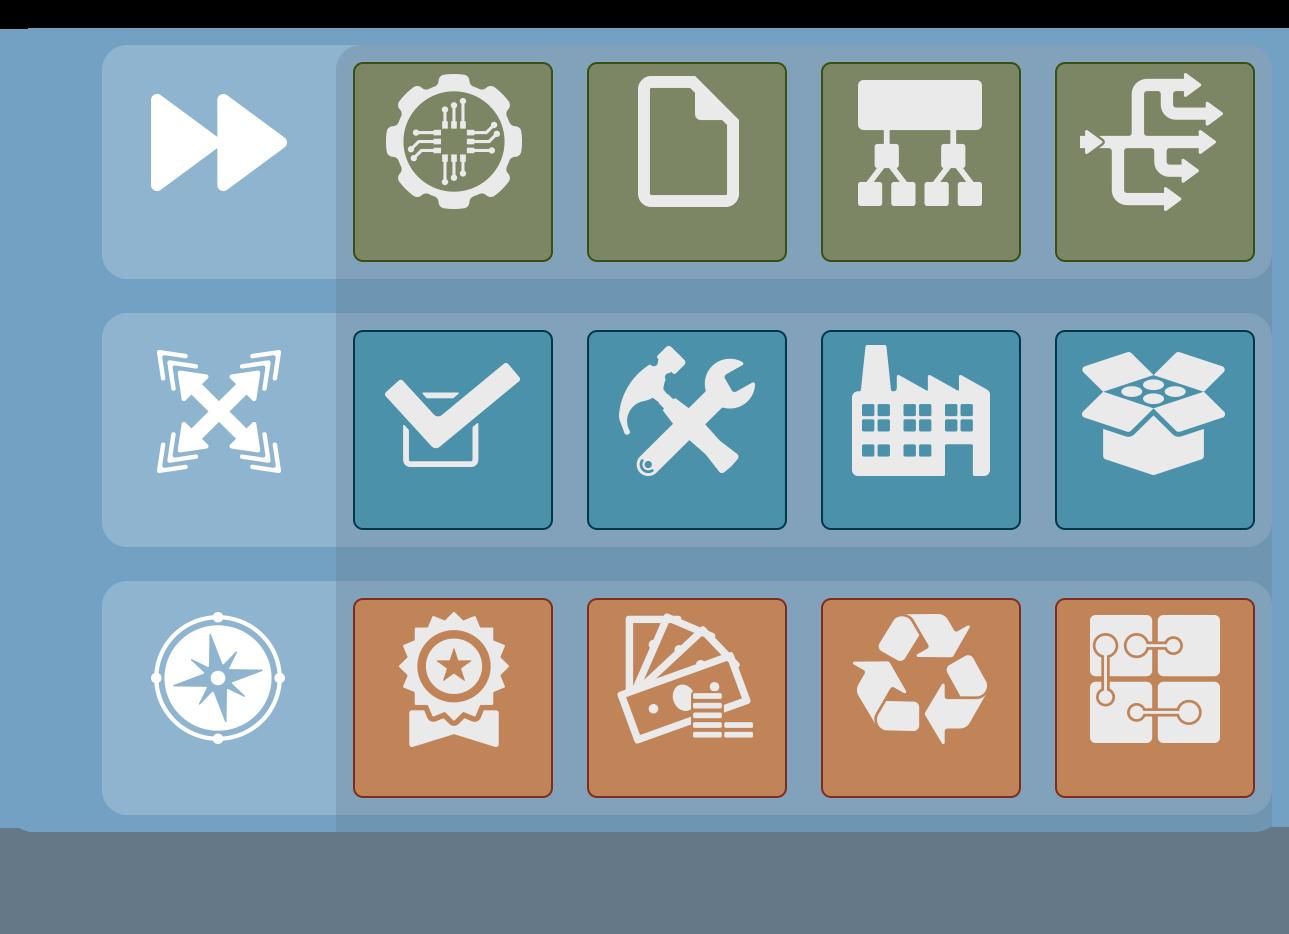 Teamcenter Solutions